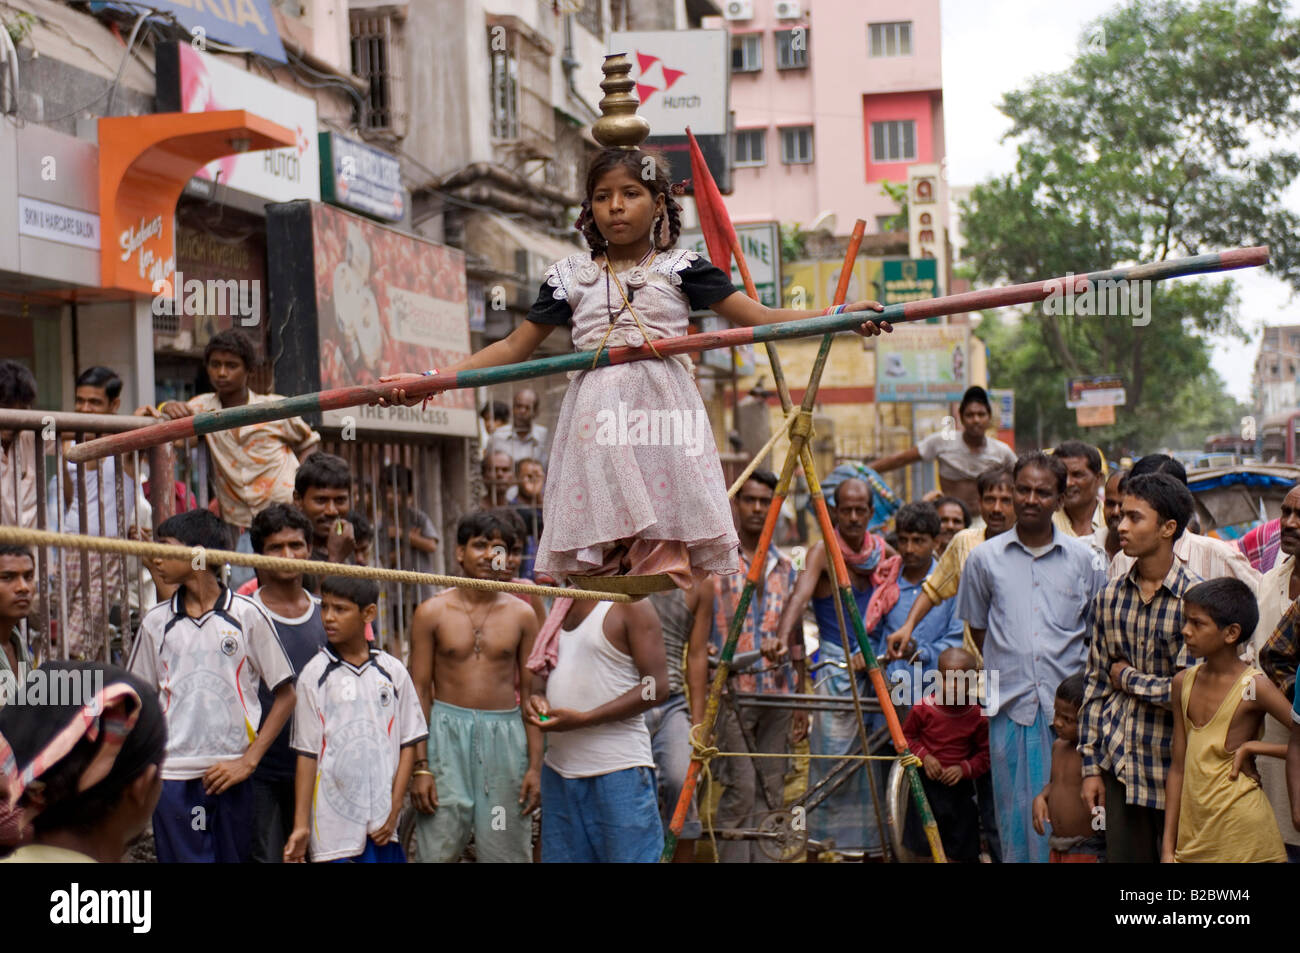 An einer Hauptstraße eine leistungsstarke Familie verdienen ihr Einkommen. Howrah, Hooghly, Westbengalen, Indien Stockbild